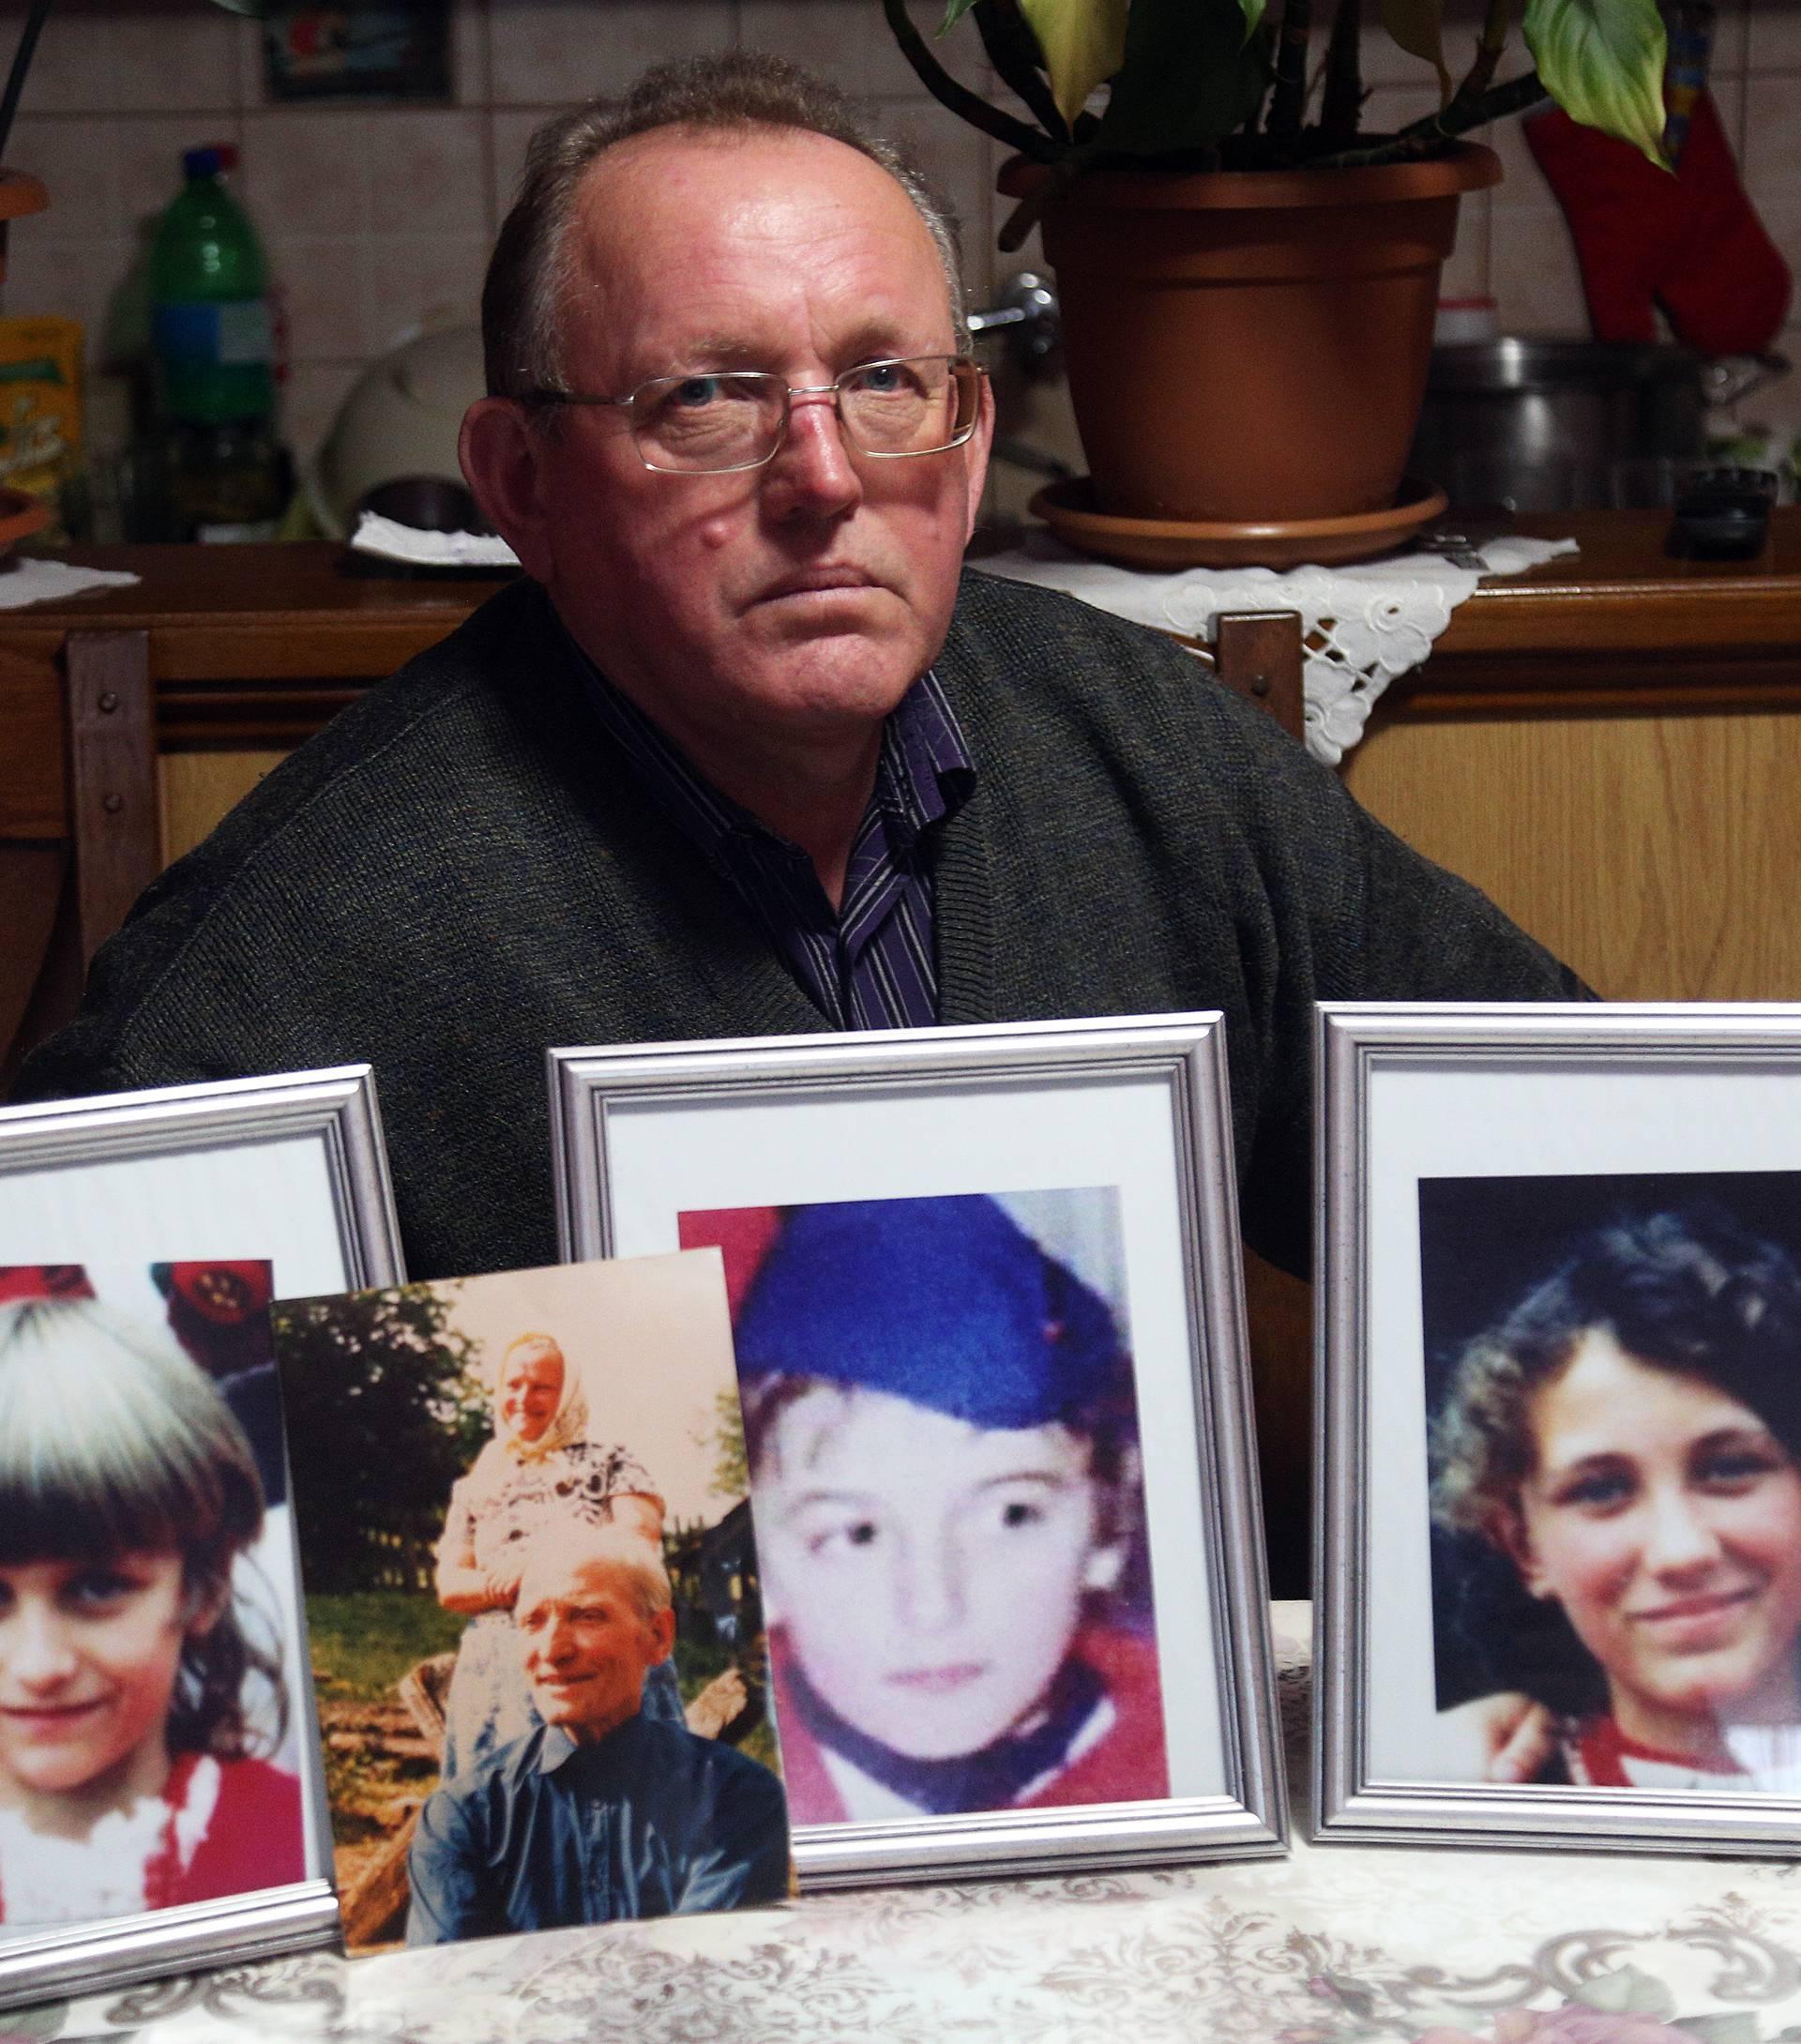 'Ubili su djecu i Željki odrezali pletenicu, nosio ju je kao trofej'